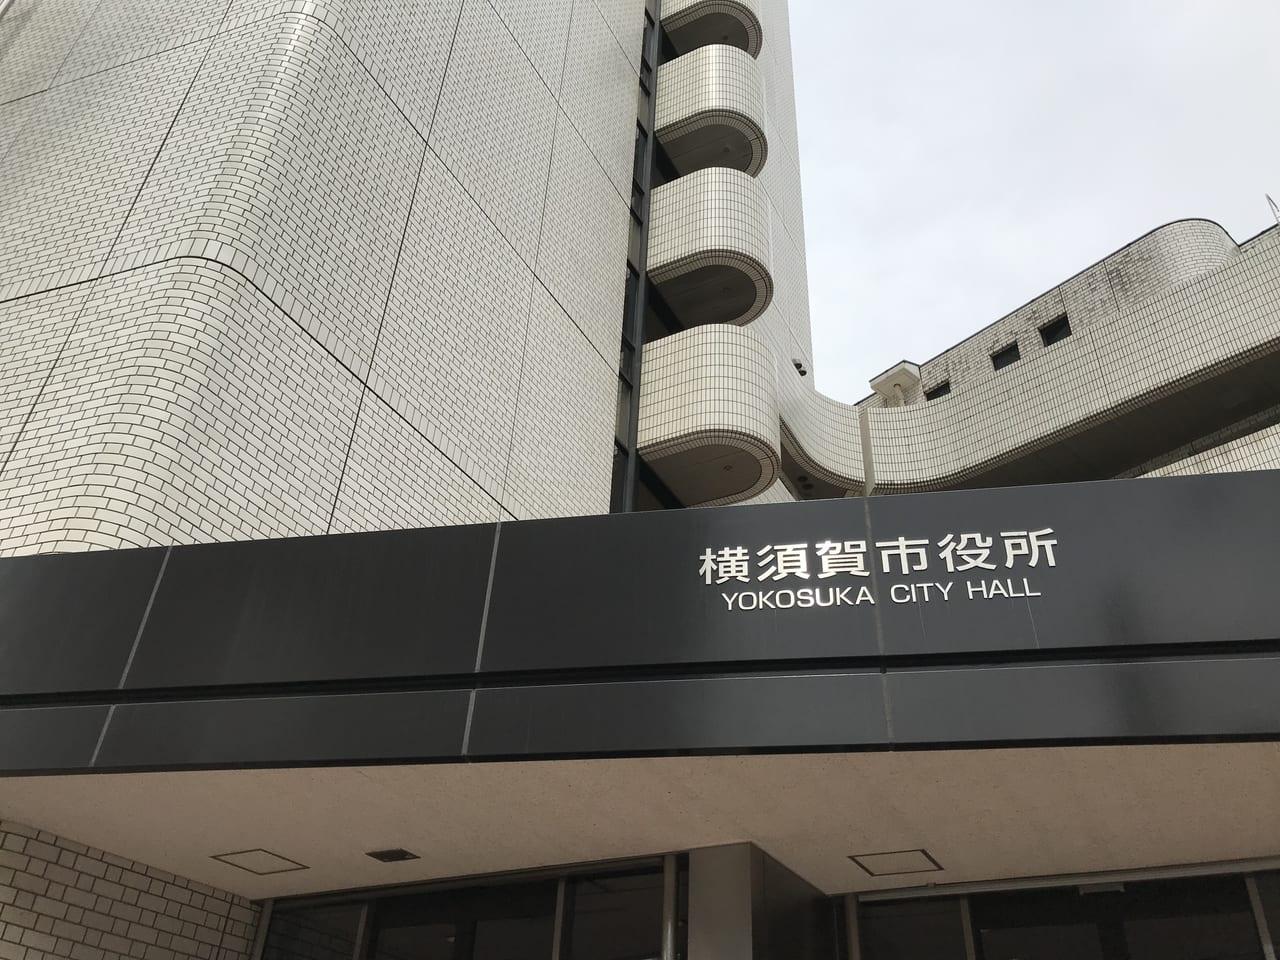 横須賀市役所入口